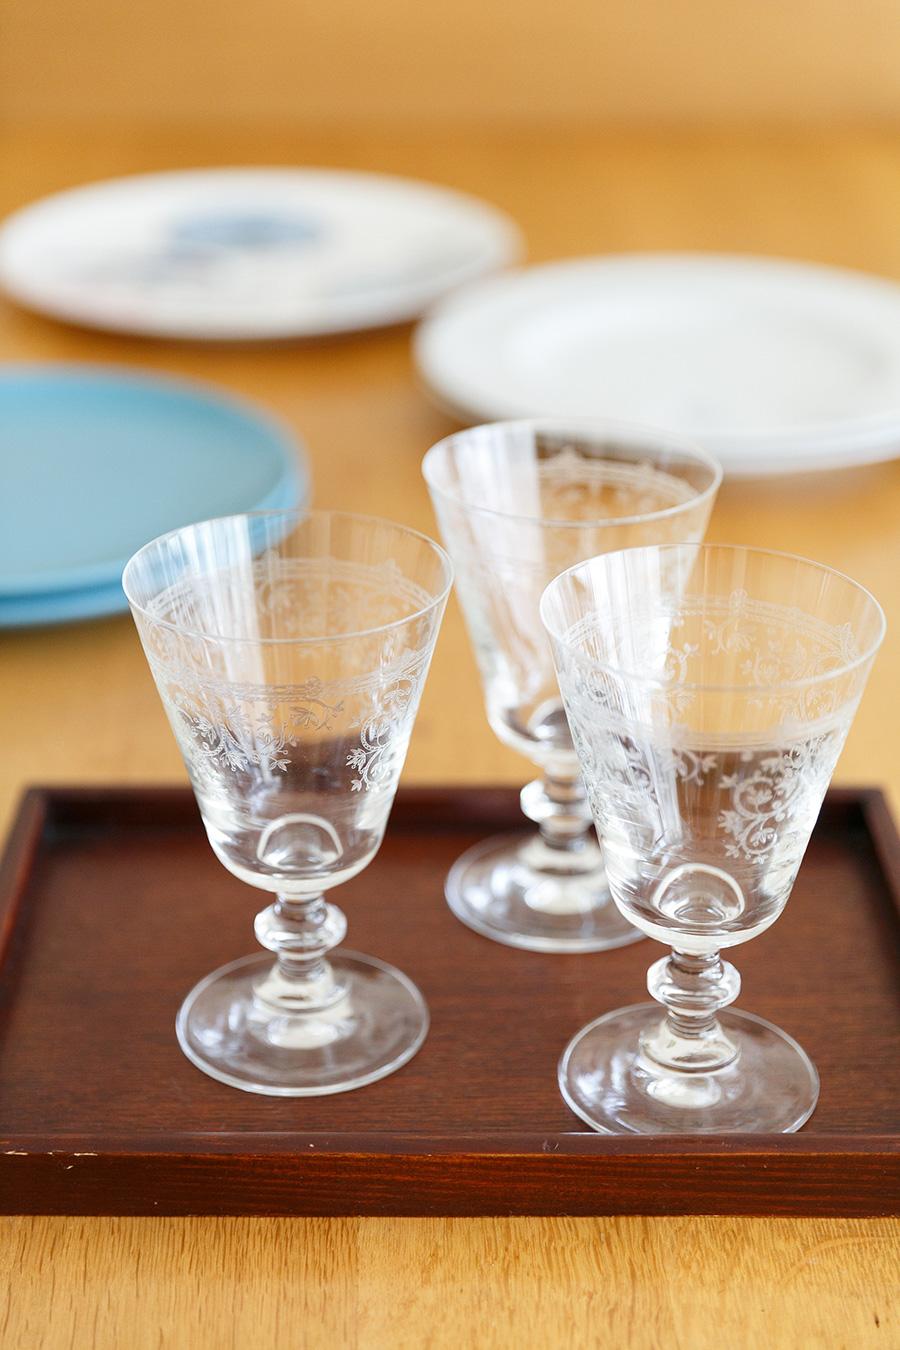 アンティークのような趣のグラスは、フランス在住の友人からプレゼントされたもの。教室では、器を効果的に使った盛りつけについてもレクチャーしている。